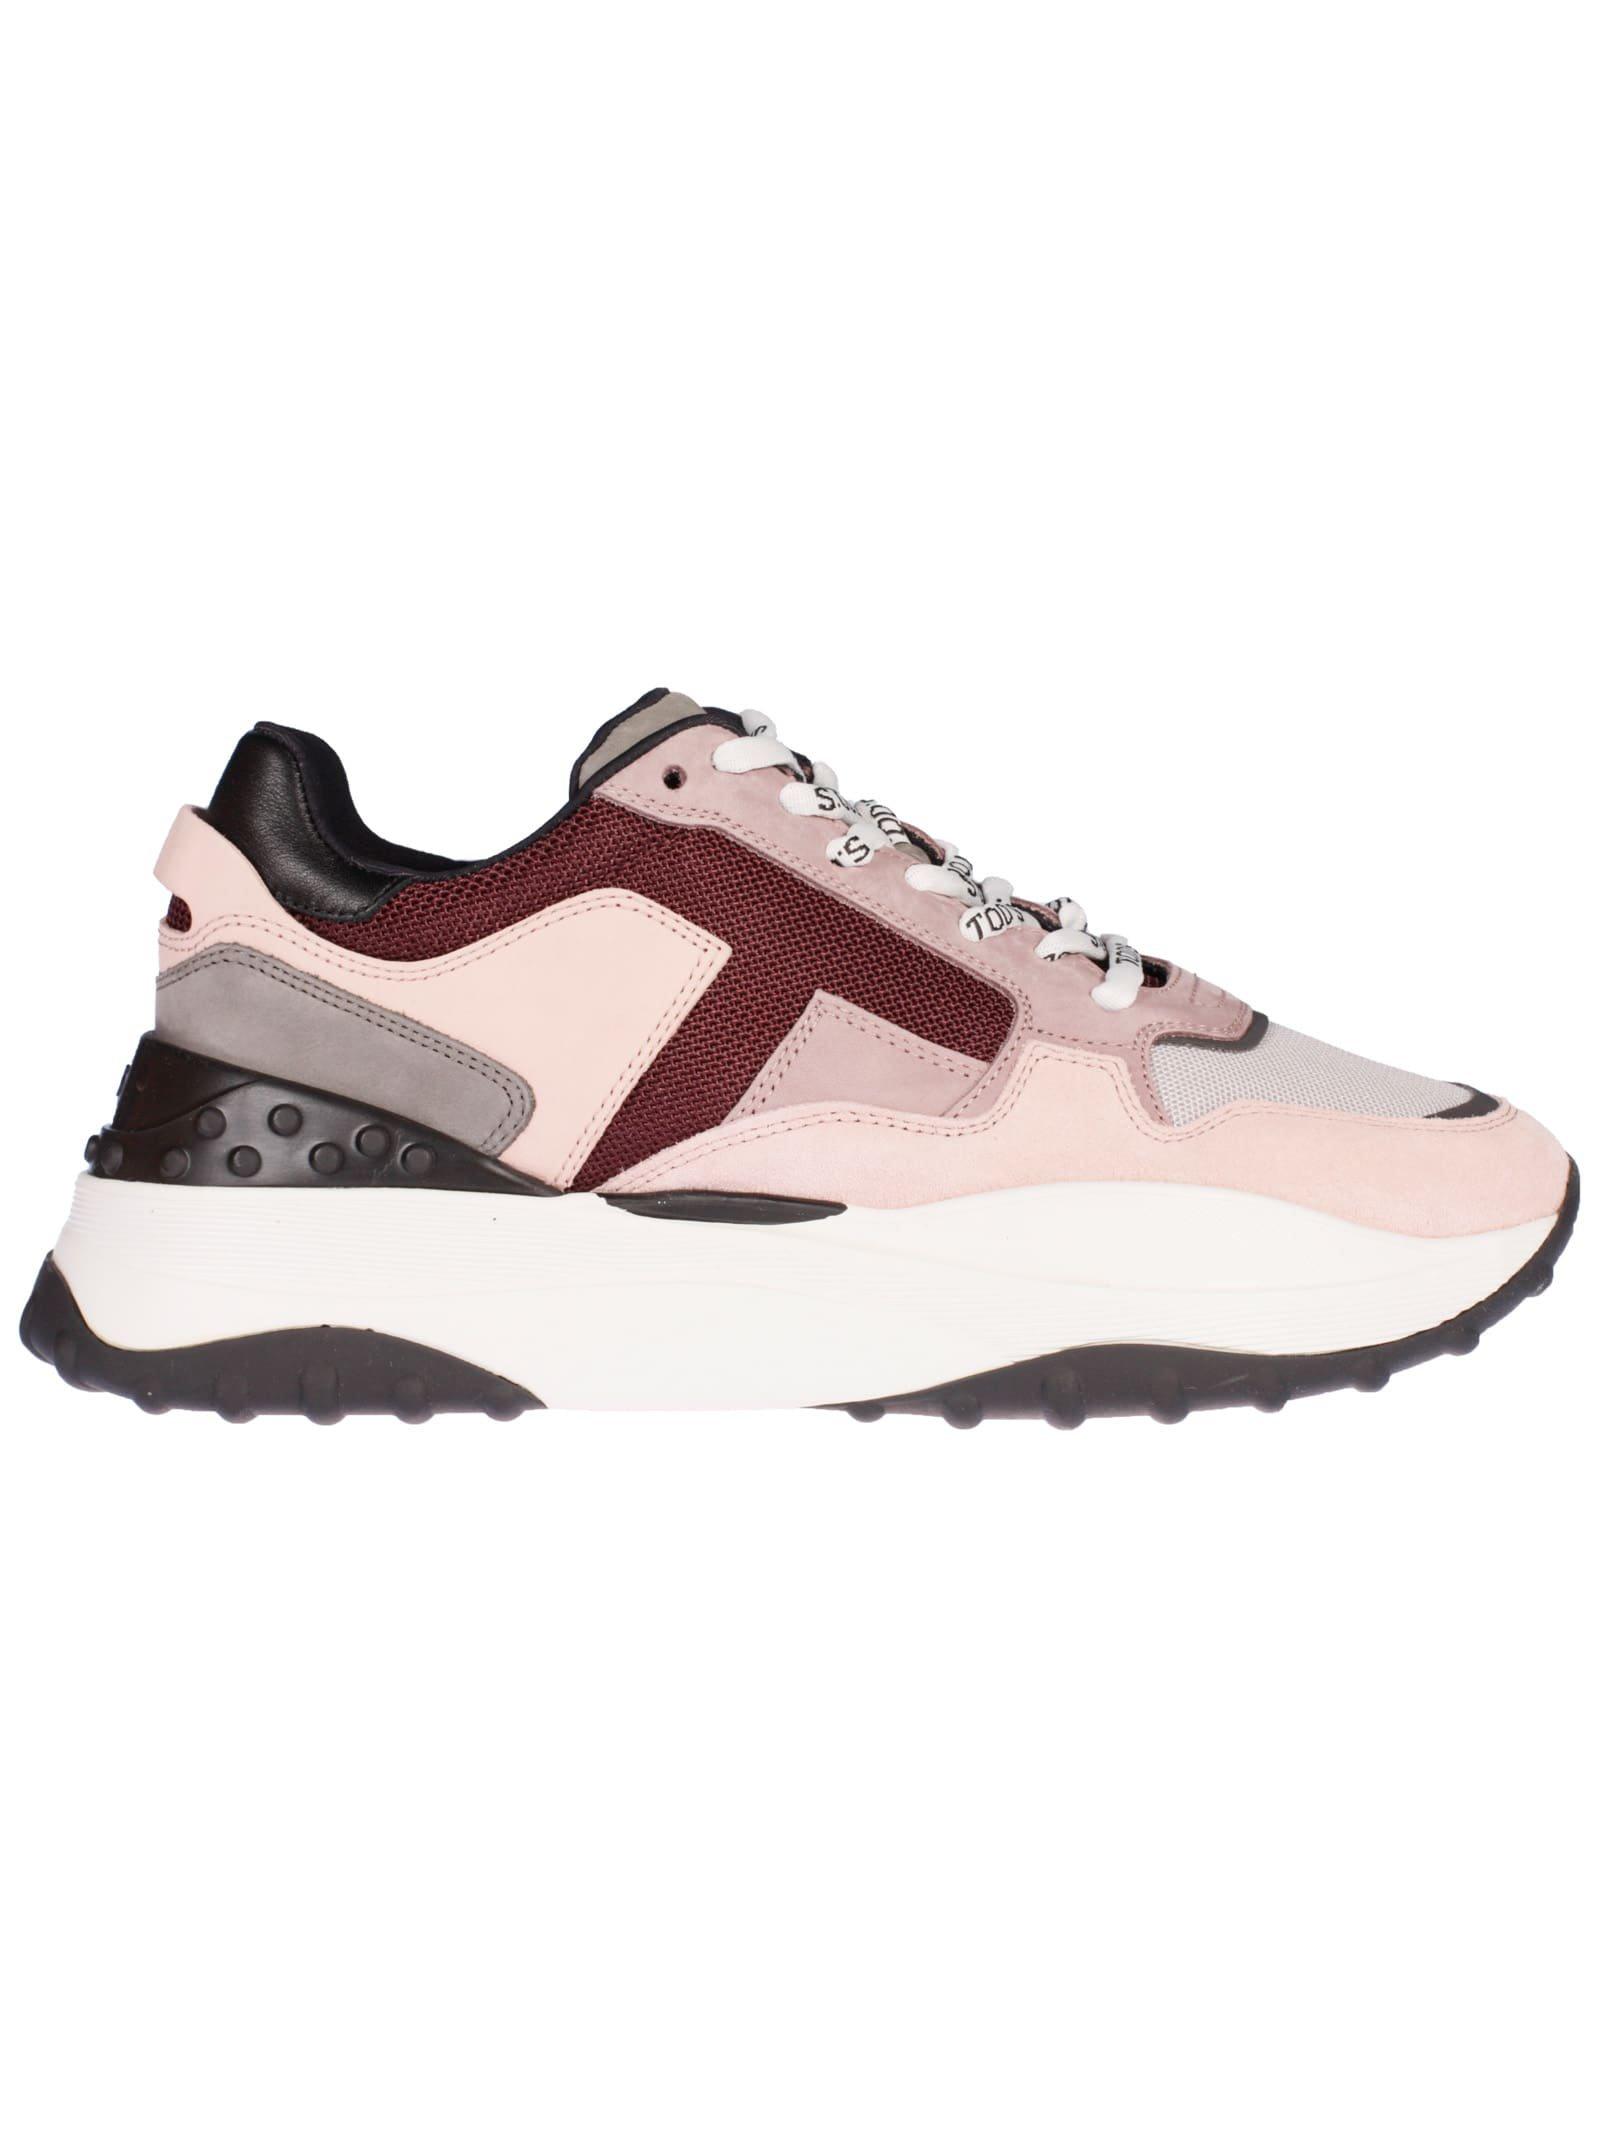 Tods Low Top Sneakers